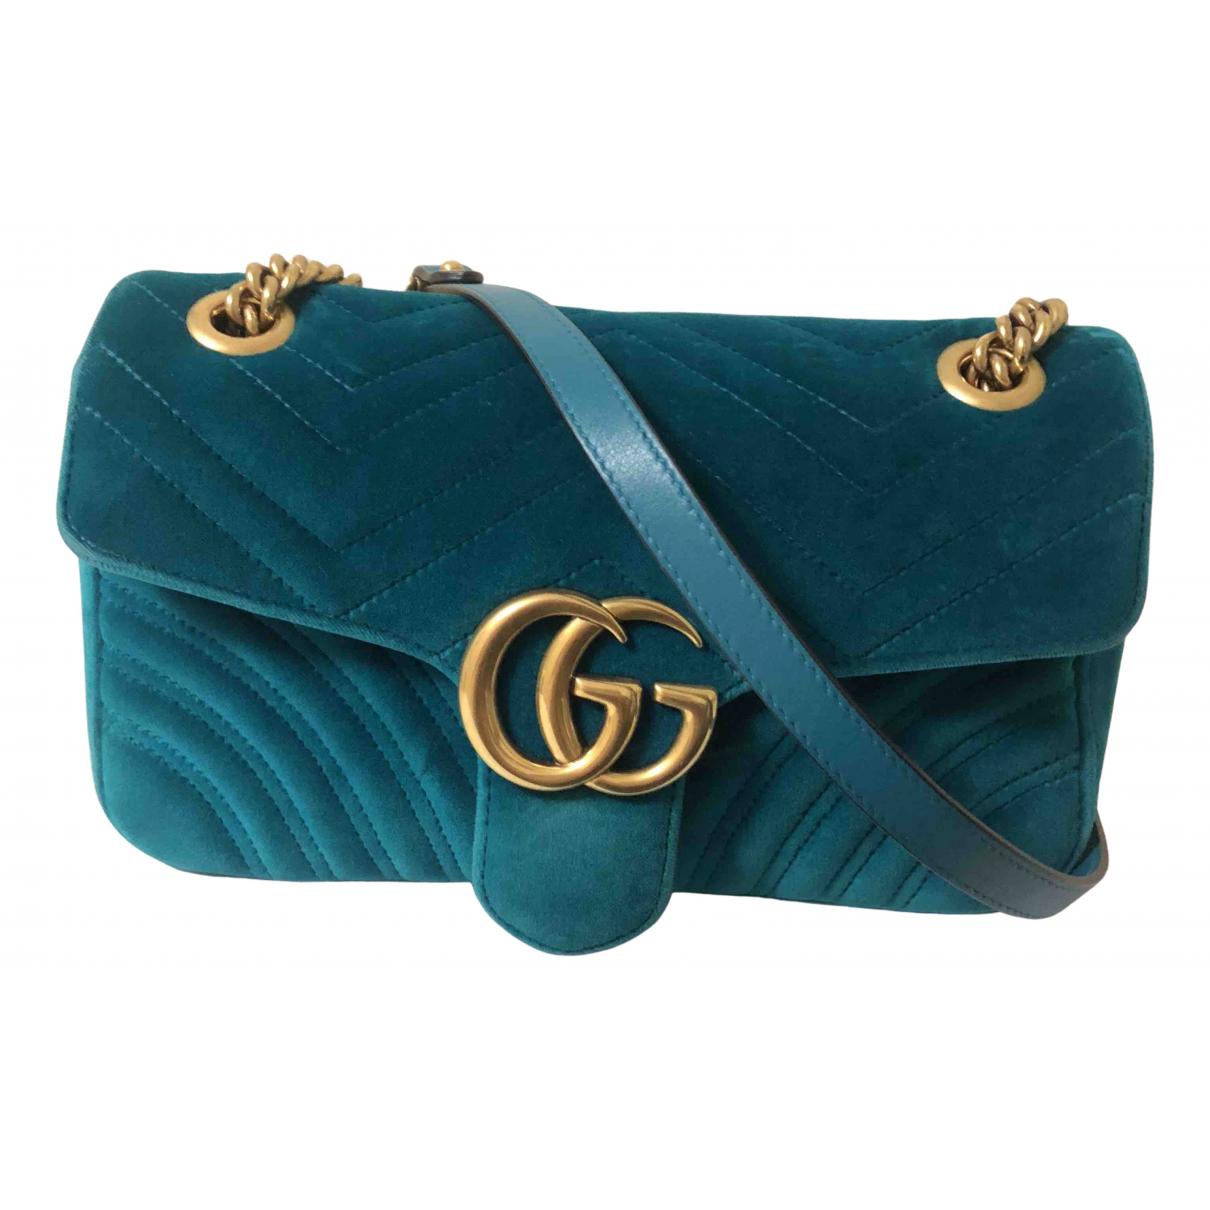 Gucci - Sac a main Marmont pour femme en velours - turquoise